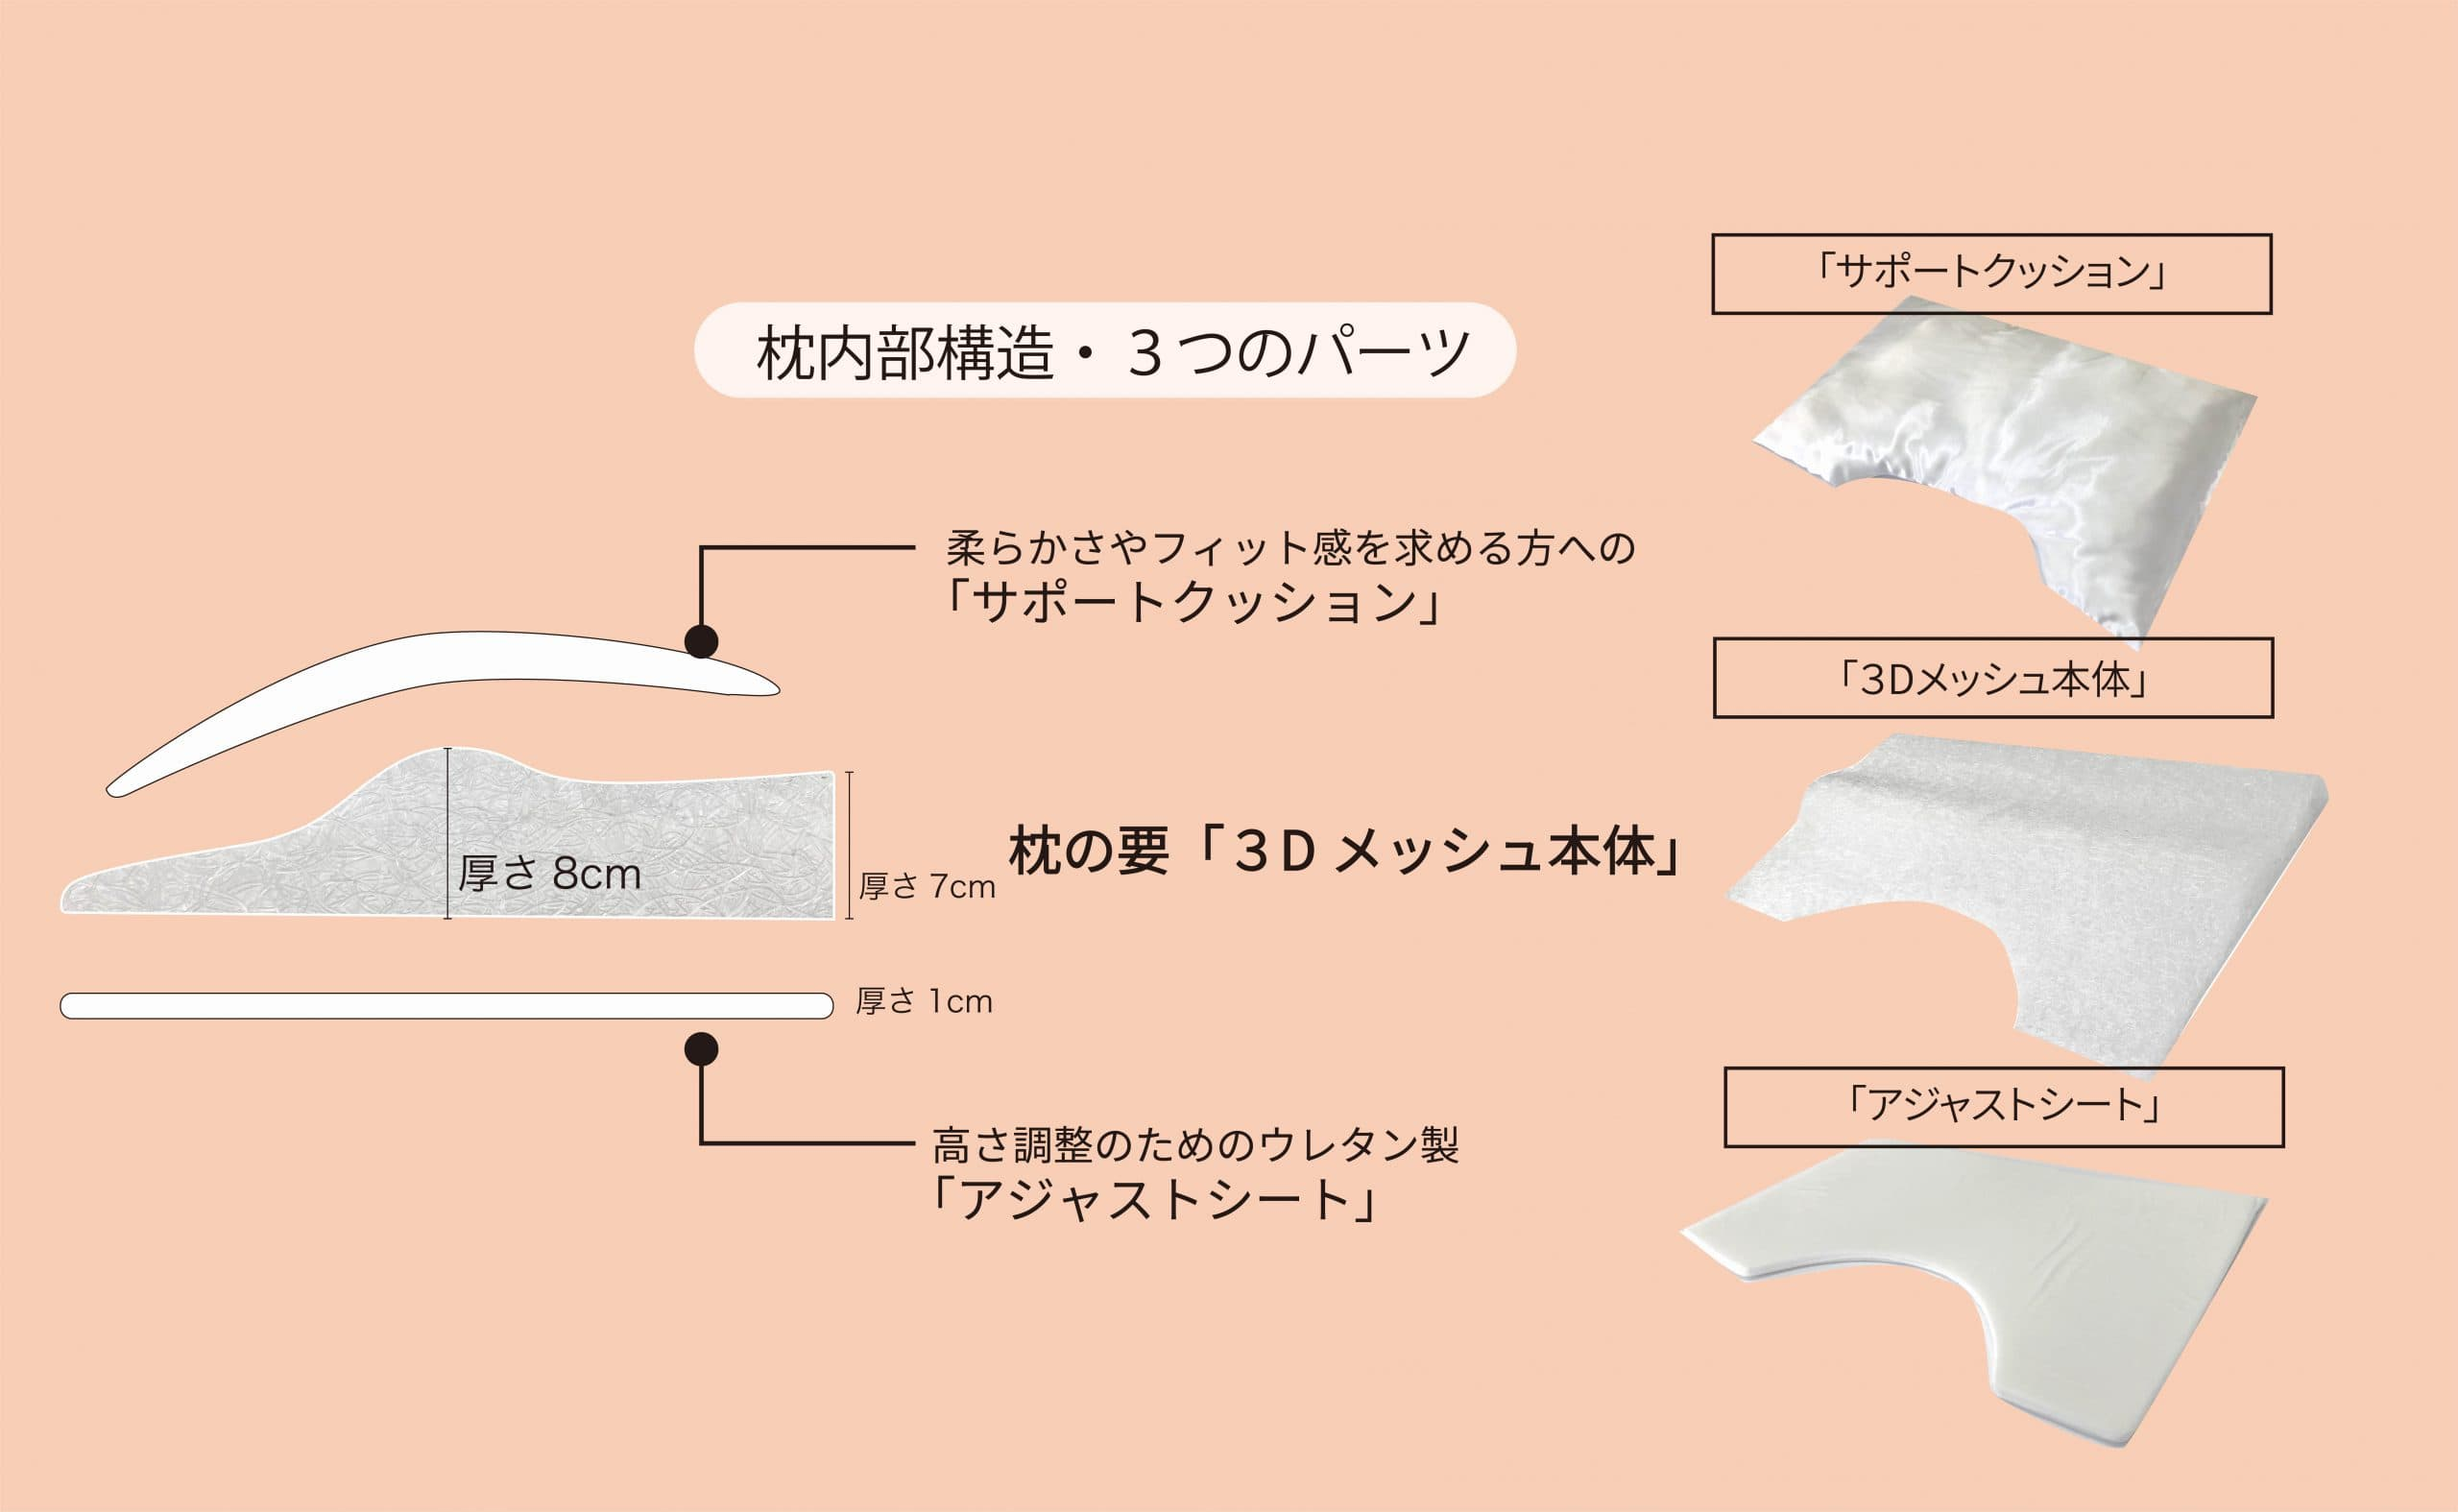 日本人の体型・体格・湾曲を知り尽くして生まれた「3D構造」